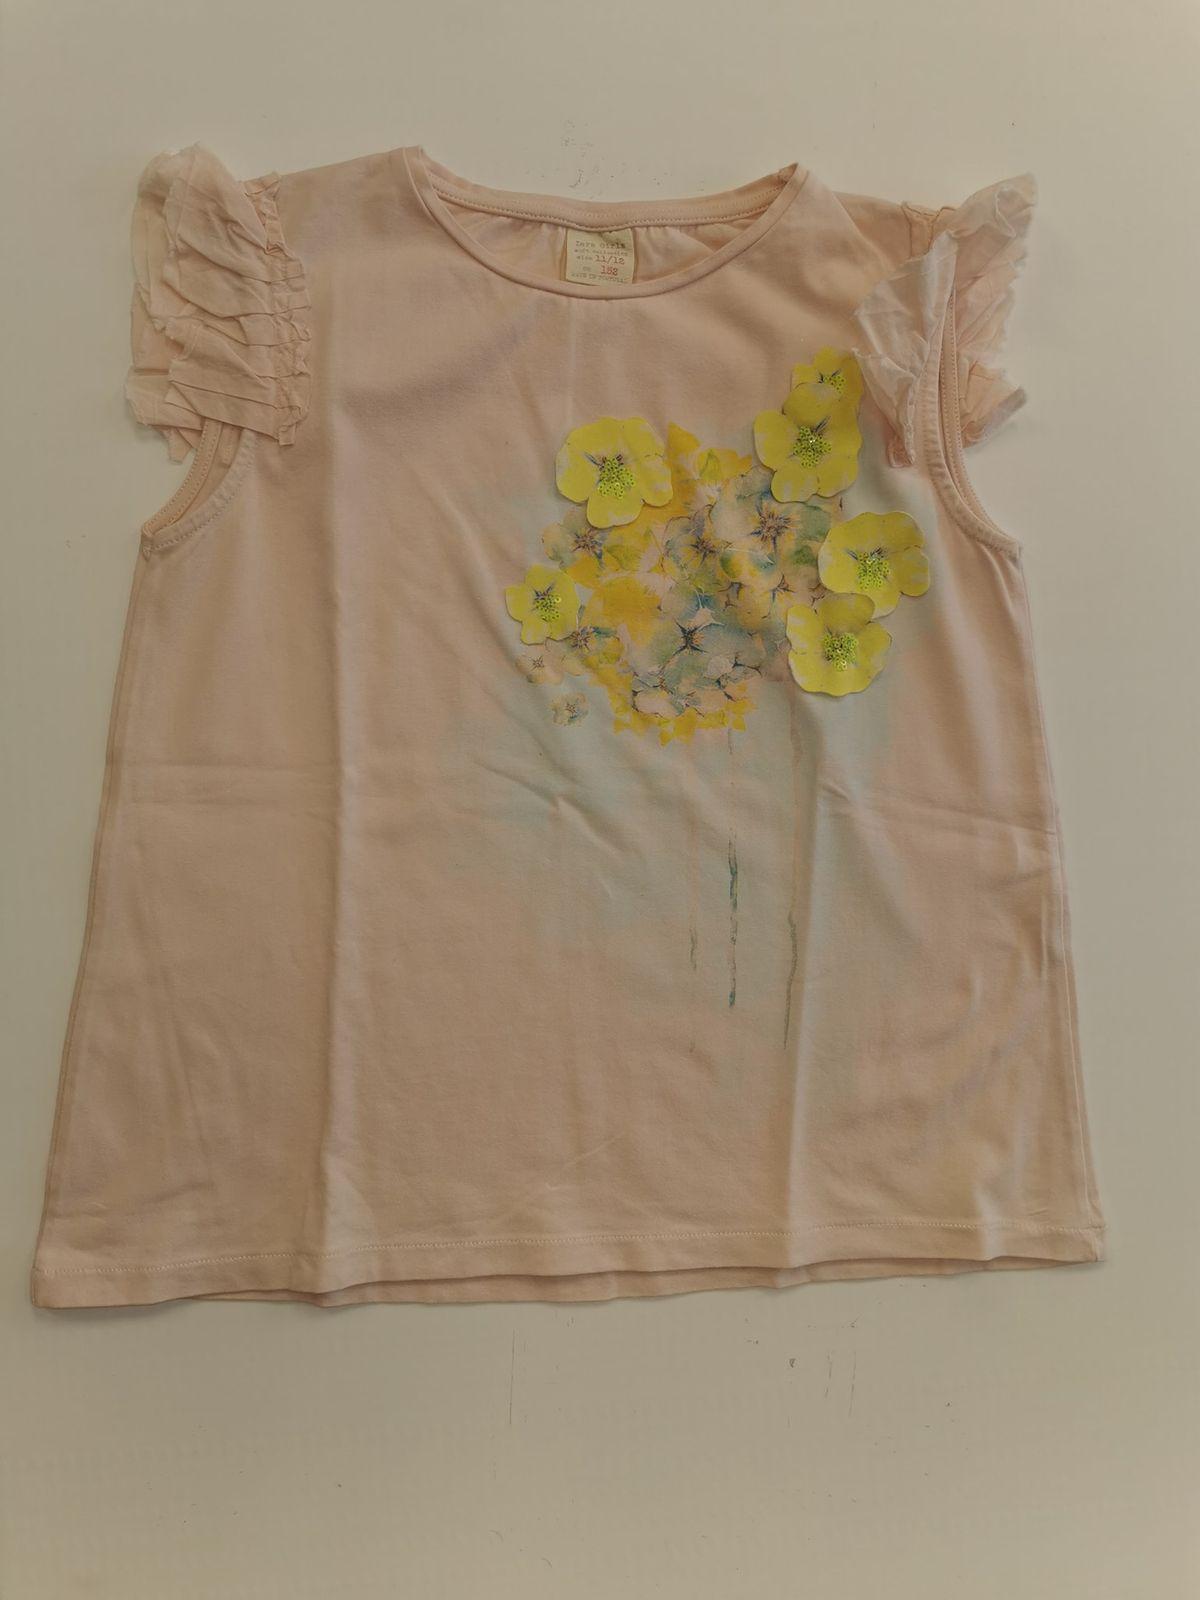 13260. Zara maglietta 10/11 anni Euro 4,90